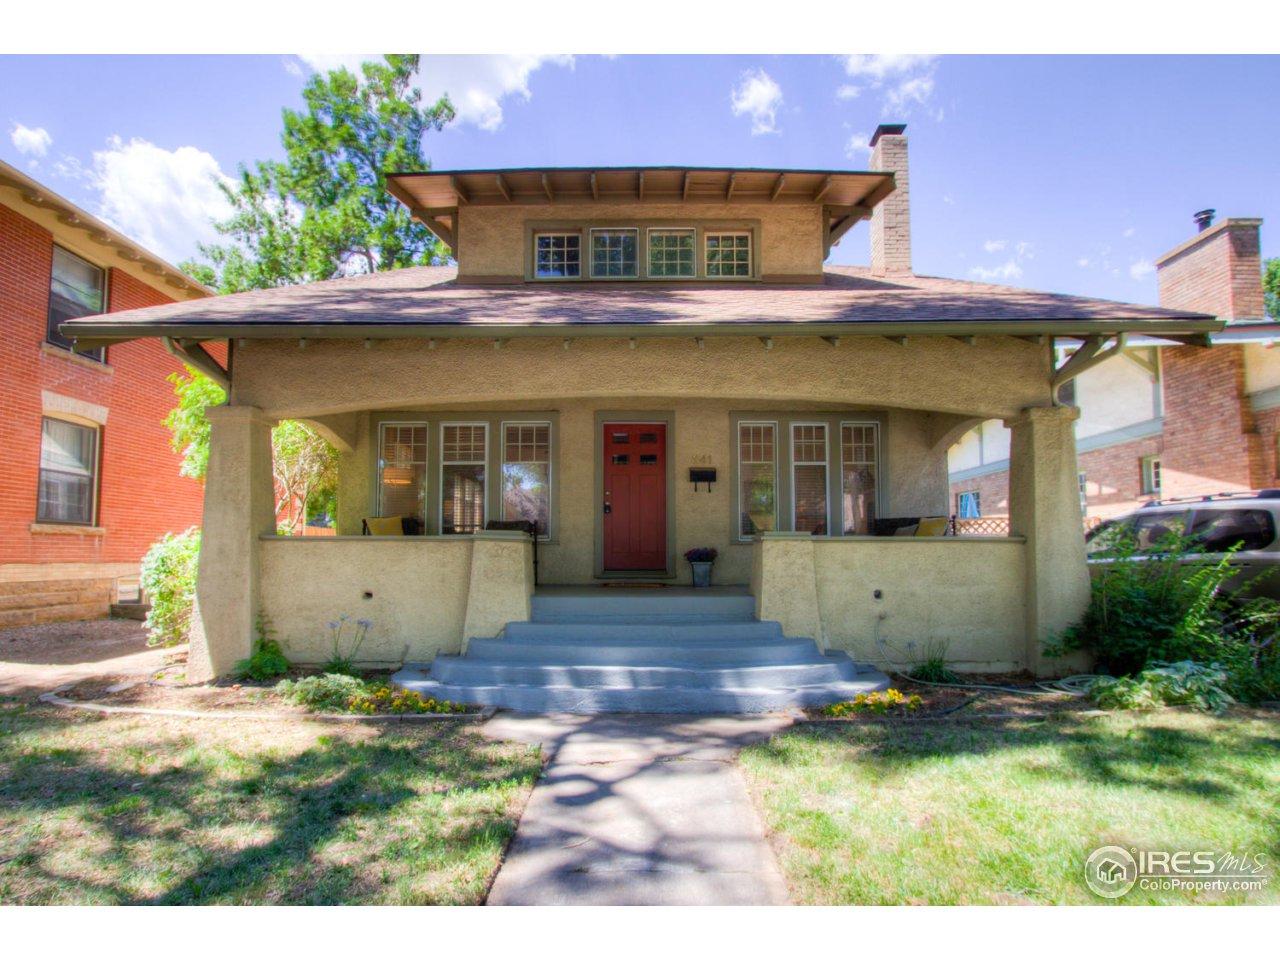 641 Remington St, Fort Collins CO 80524